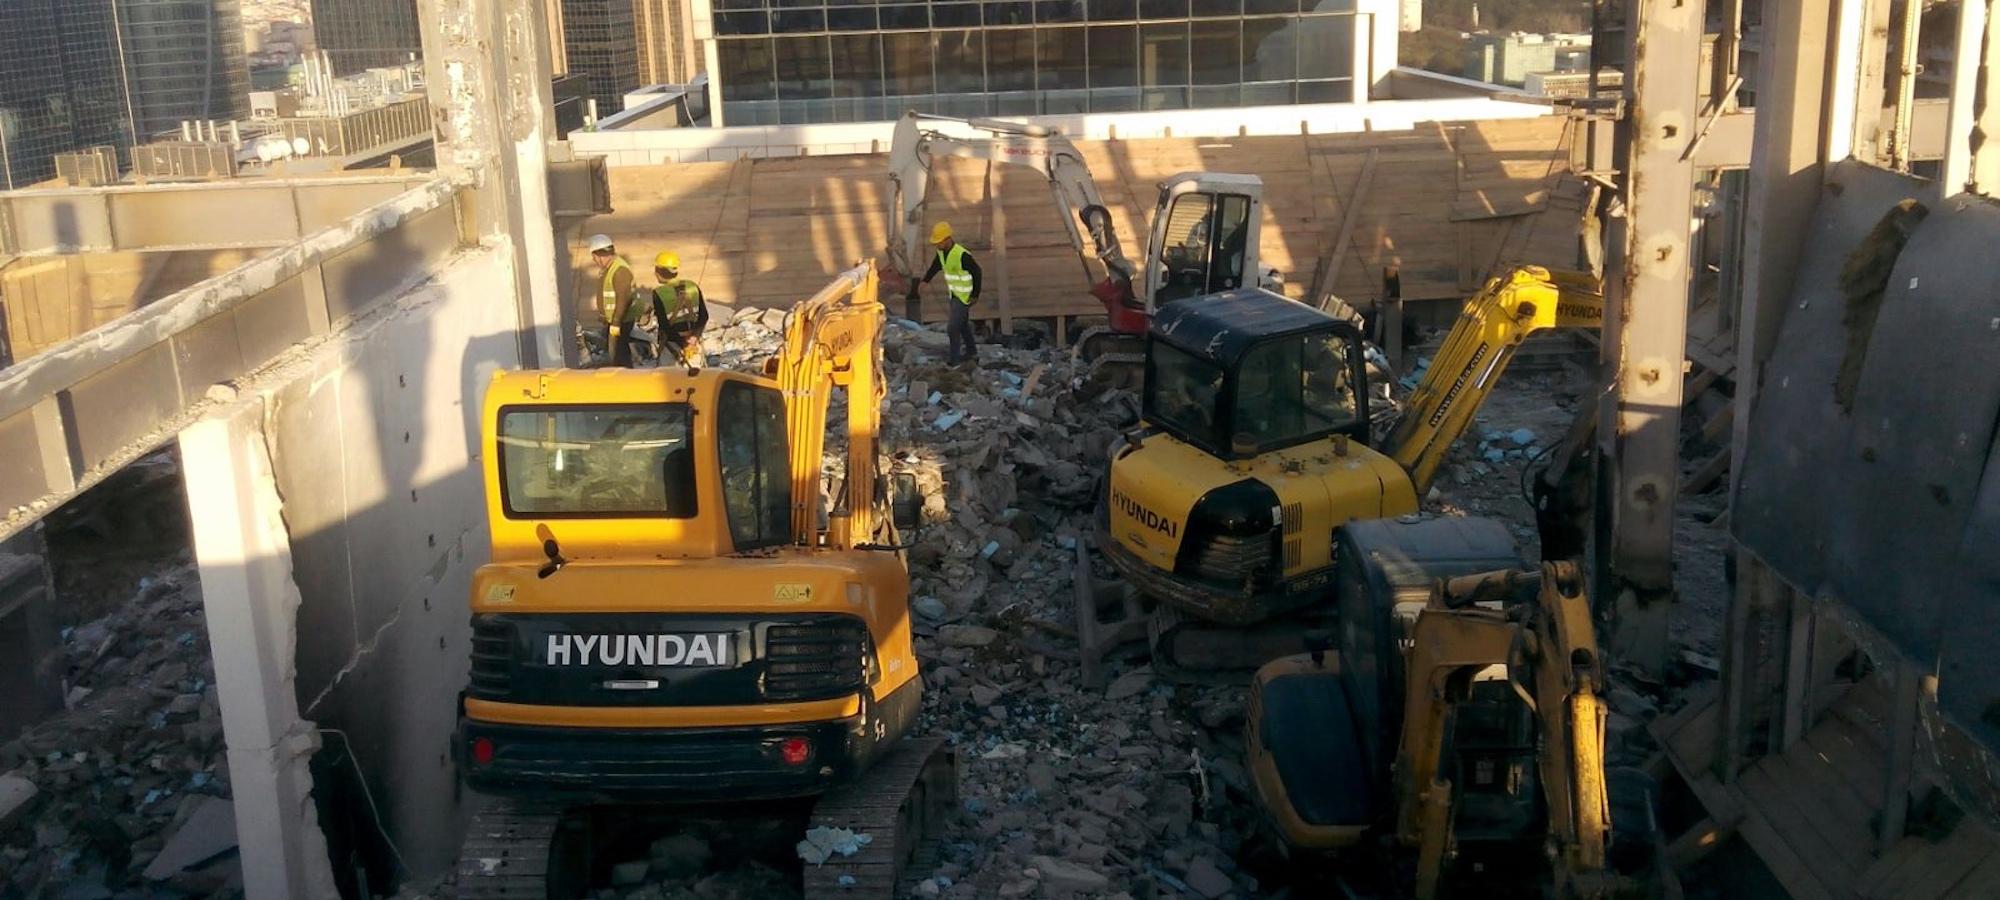 Bina Yıkım İşleri Fiyatları - İstanbul Bina Yıkımı | MTKA İnşaat